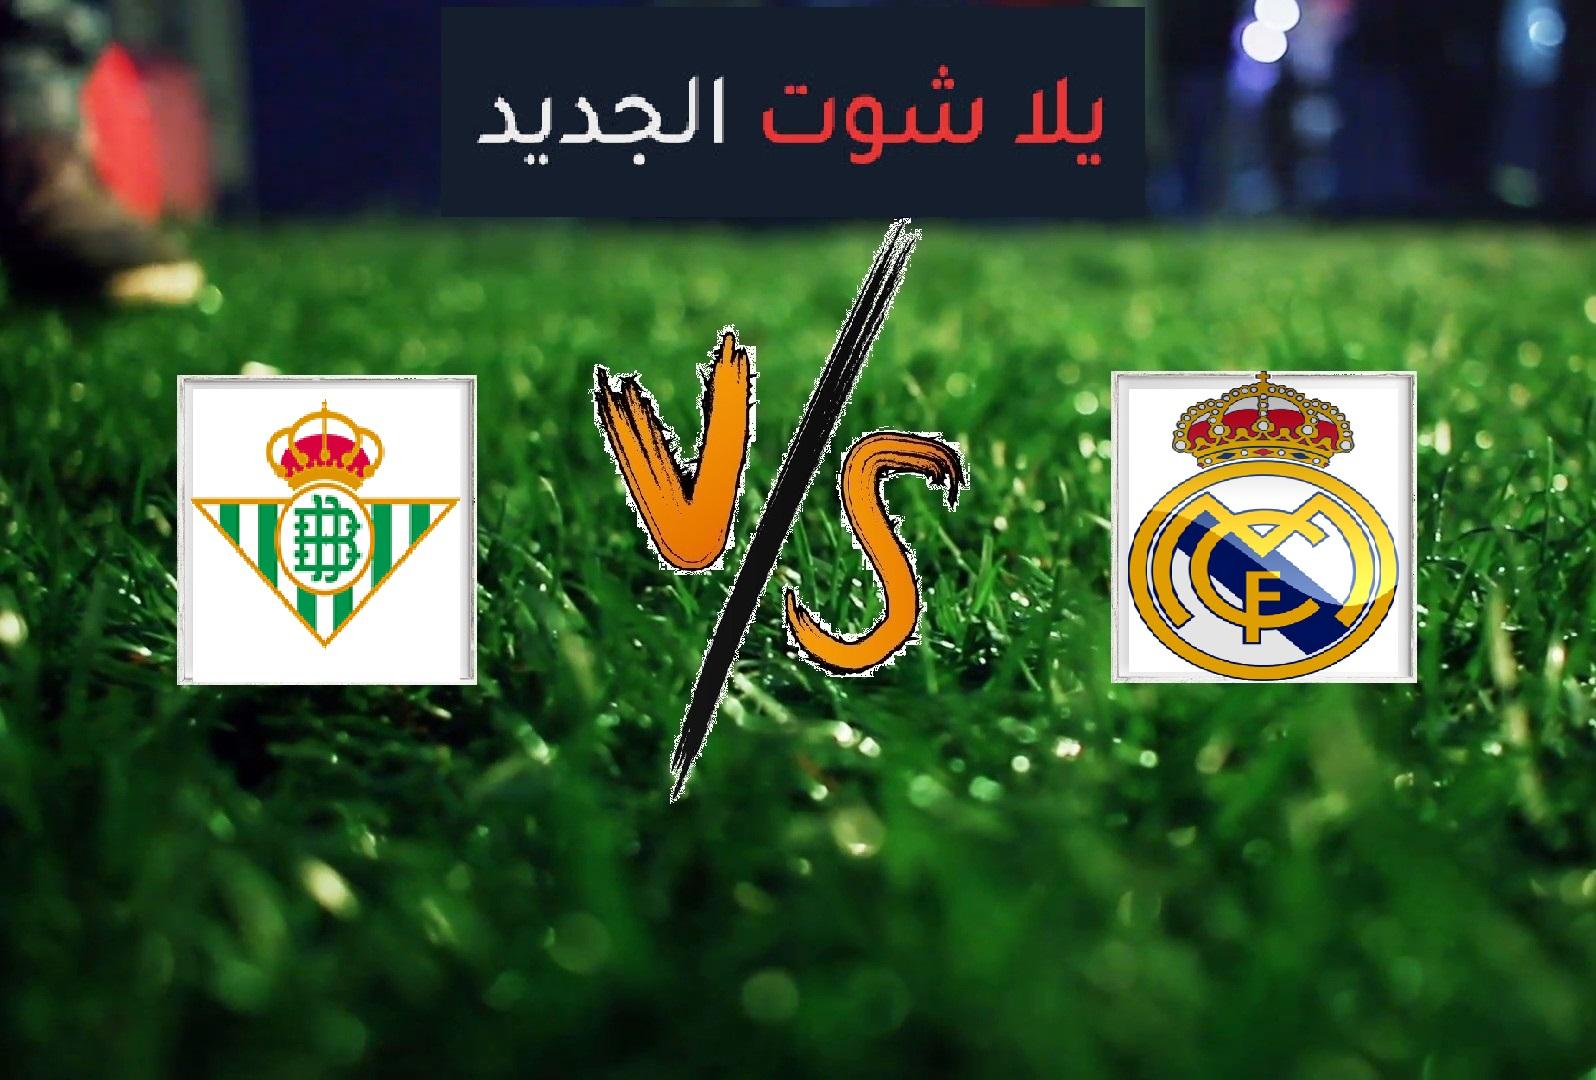 ريال بيتيس يفوز على ريال مدريد بهدفين دون رد في الجولة ال38 من بطولة الدوري الاسباني